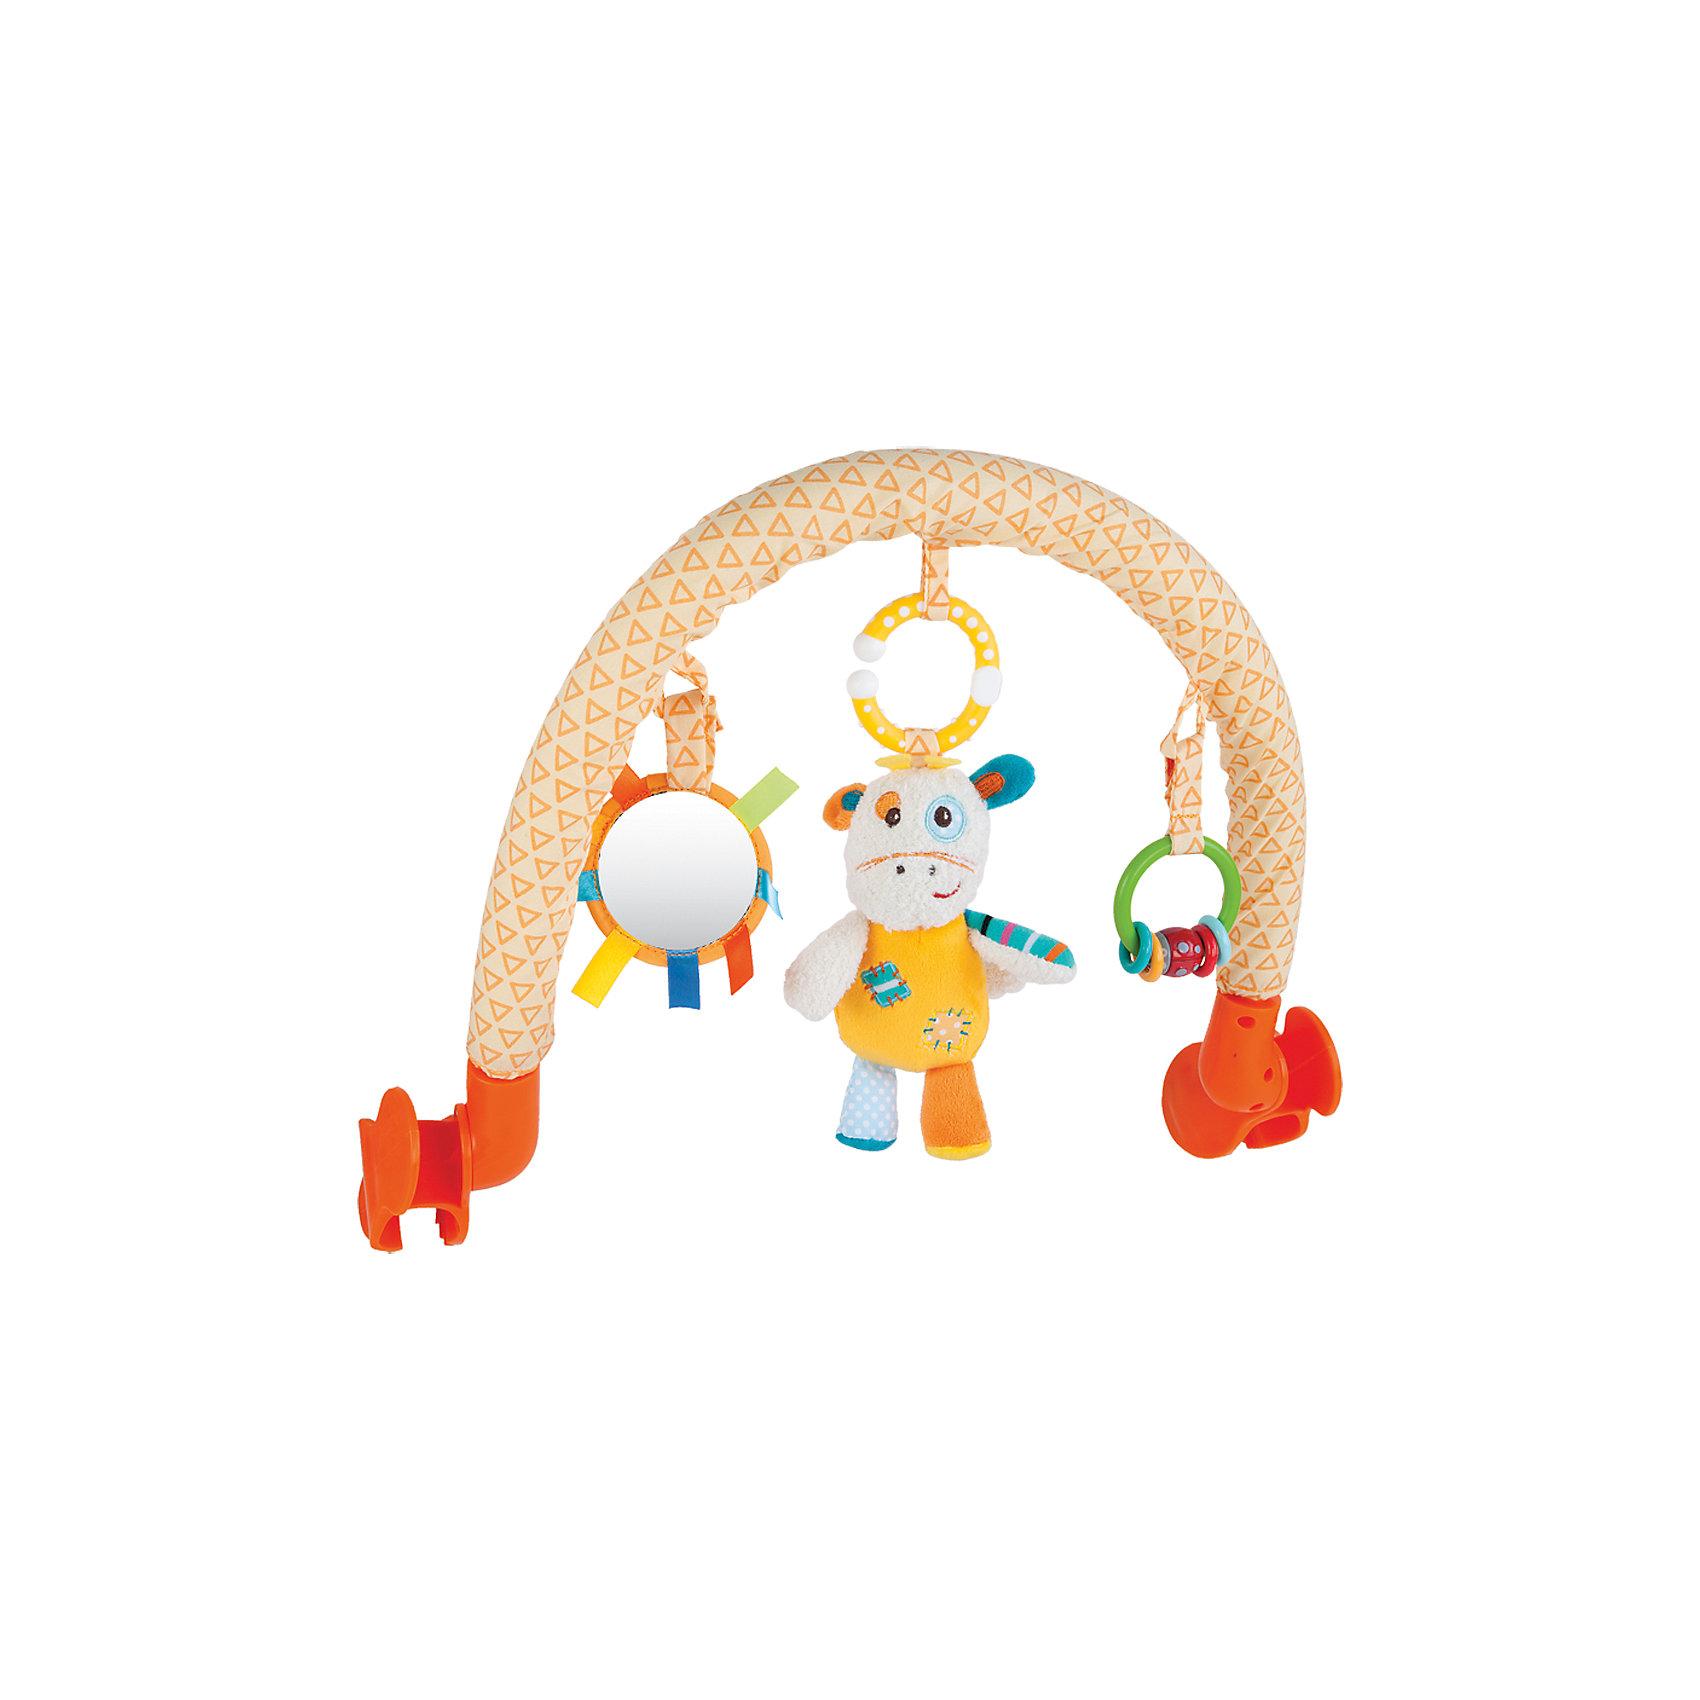 Дуга Жирафики Жирафик Дэнни с погремушкой и зеркальцемИгрушки для малышей<br>Характеристики:<br><br>• 3 подвески: погремушка, безопасное зеркальце, мягкая игрушка;<br>• подвески можно снимать;<br>• легко крепится к кроватке, коляске или автокреслу;<br>• размер: 33х34 см;<br>• возраст: с рождения;<br>• материал: текстиль, пластик;<br>• размер упаковки: 34х7х37 см;<br>• вес: 642 грамма;<br>• страна бренда: Россия.<br><br>Подвесная дуга развлечет малыша во время прогулки или путешествия. Она надежно фиксируется на коляске или автокресле с помощью двух боковых креплений.<br><br>Дуга имеет три развивающих элемента: мягкая игрушка, безопасное зеркальце и погремушка. Мягкая игрушка выполнена в виде забавного жирафика Дэни. Погремушка состоит из разноцветных колечек, которые очень весело гремят, если их потрясти. А в зеркальце малыш с интересом будет разглядывать свое отражение.<br><br>Игрушка способствует развитию хватательного рефлекса, тактильного, звукового и цветового восприятия.<br><br>Дугу с погремушкой, зеркальцем и мягкой игрушкой Жирафик Дэнни, Жирафики можно купить в нашем интернет-магазине.<br><br>Ширина мм: 370<br>Глубина мм: 70<br>Высота мм: 340<br>Вес г: 642<br>Возраст от месяцев: -2147483648<br>Возраст до месяцев: 2147483647<br>Пол: Унисекс<br>Возраст: Детский<br>SKU: 6846879